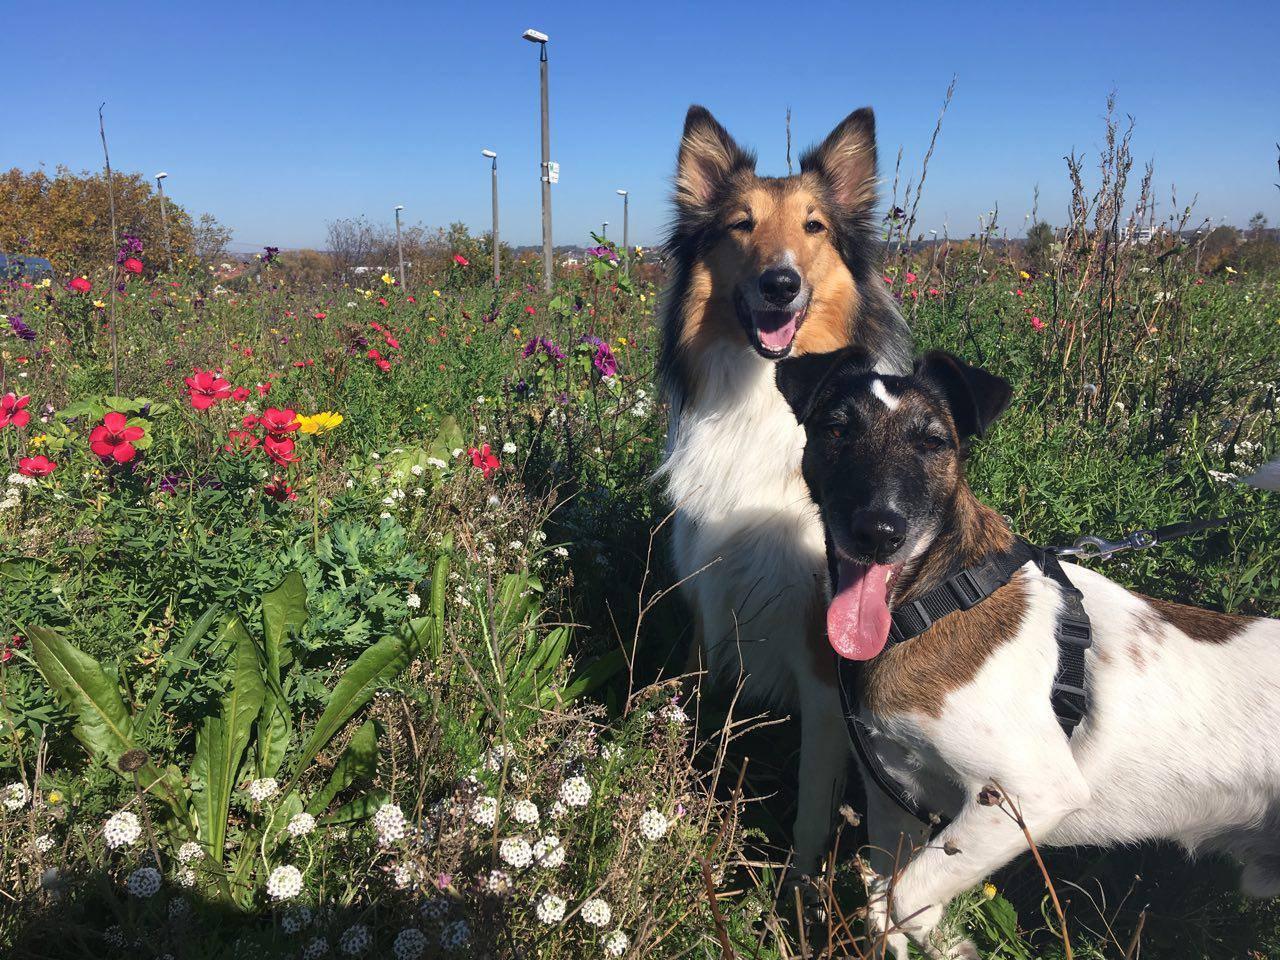 Obraz zawierający pies, zewnętrzne, trawa, siedzi Opis wygenerowany automatycznie